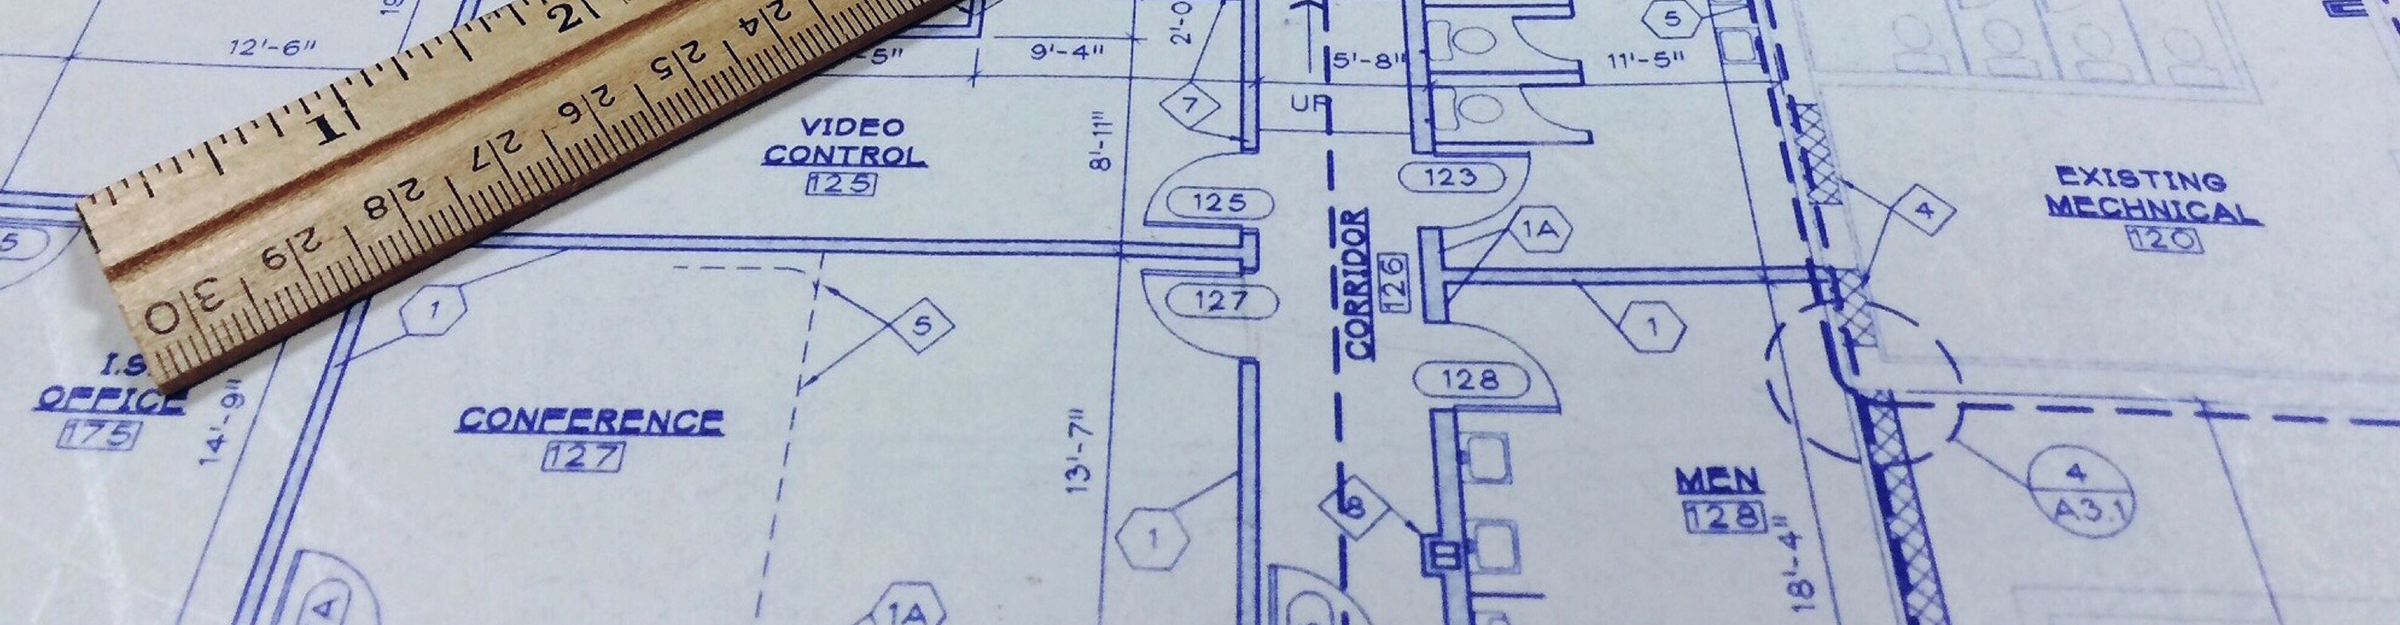 Ausgezeichnet 9200i Internationaler Lkw Schaltplan Ideen - Die ...